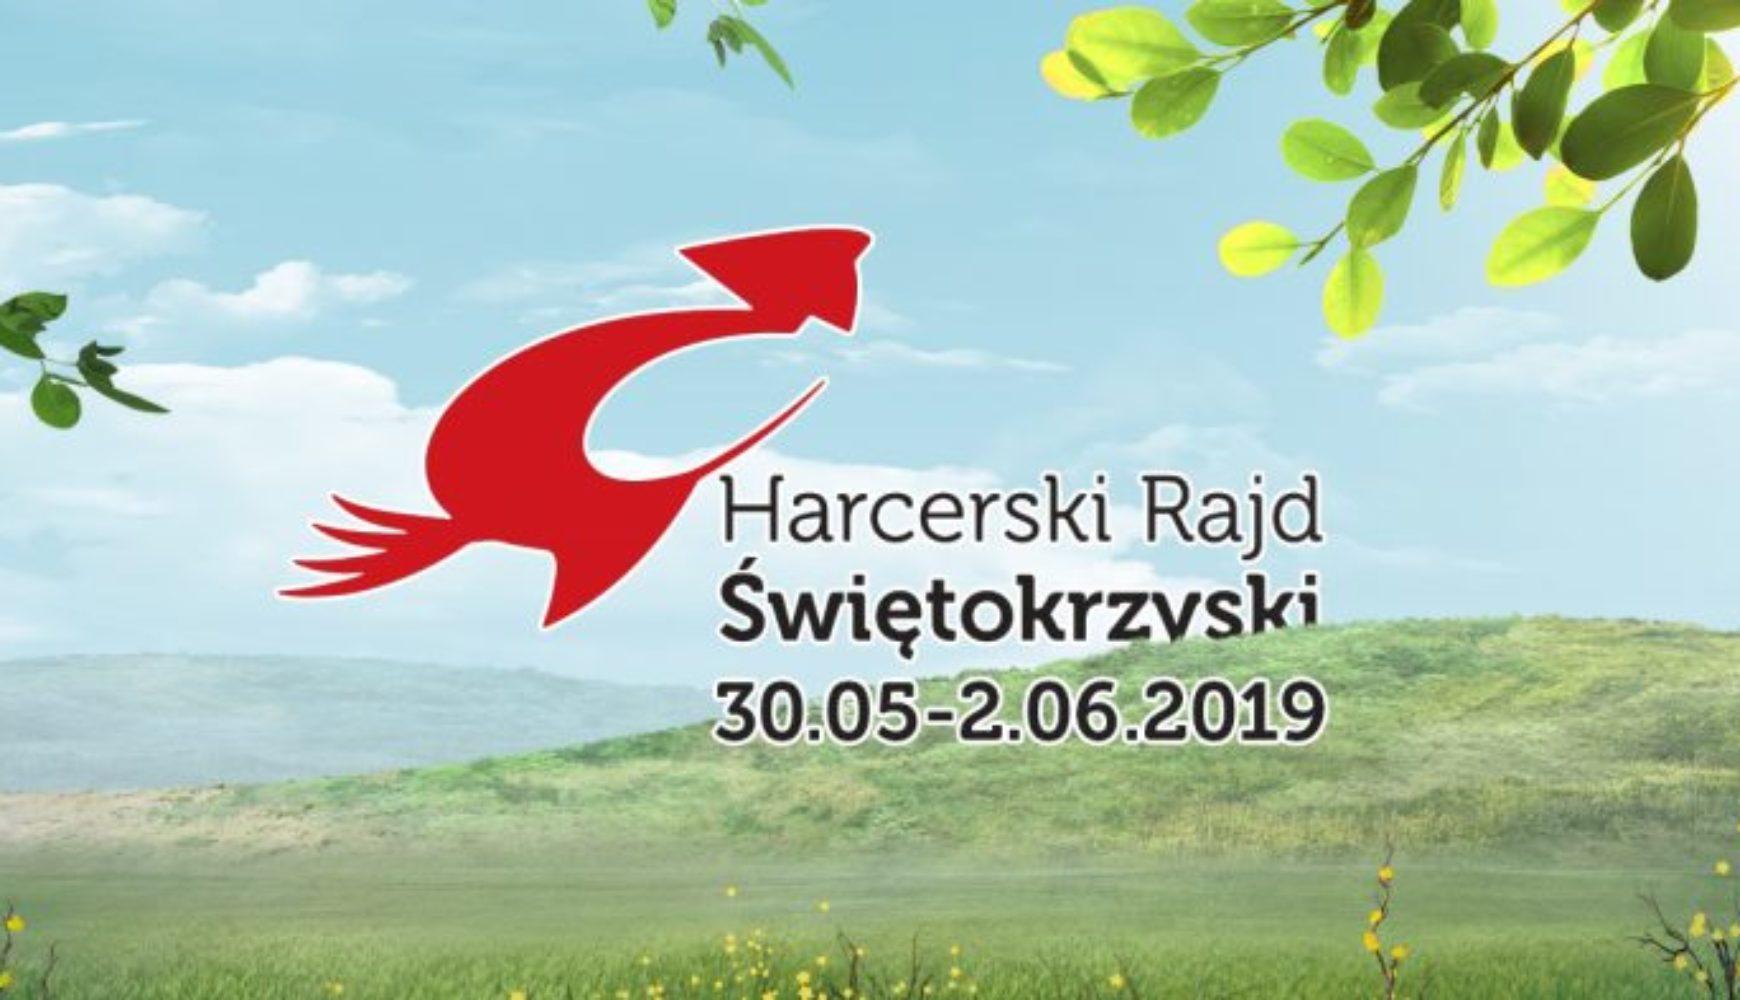 61. Harcerski Rajd Świętokrzyski już za nami!